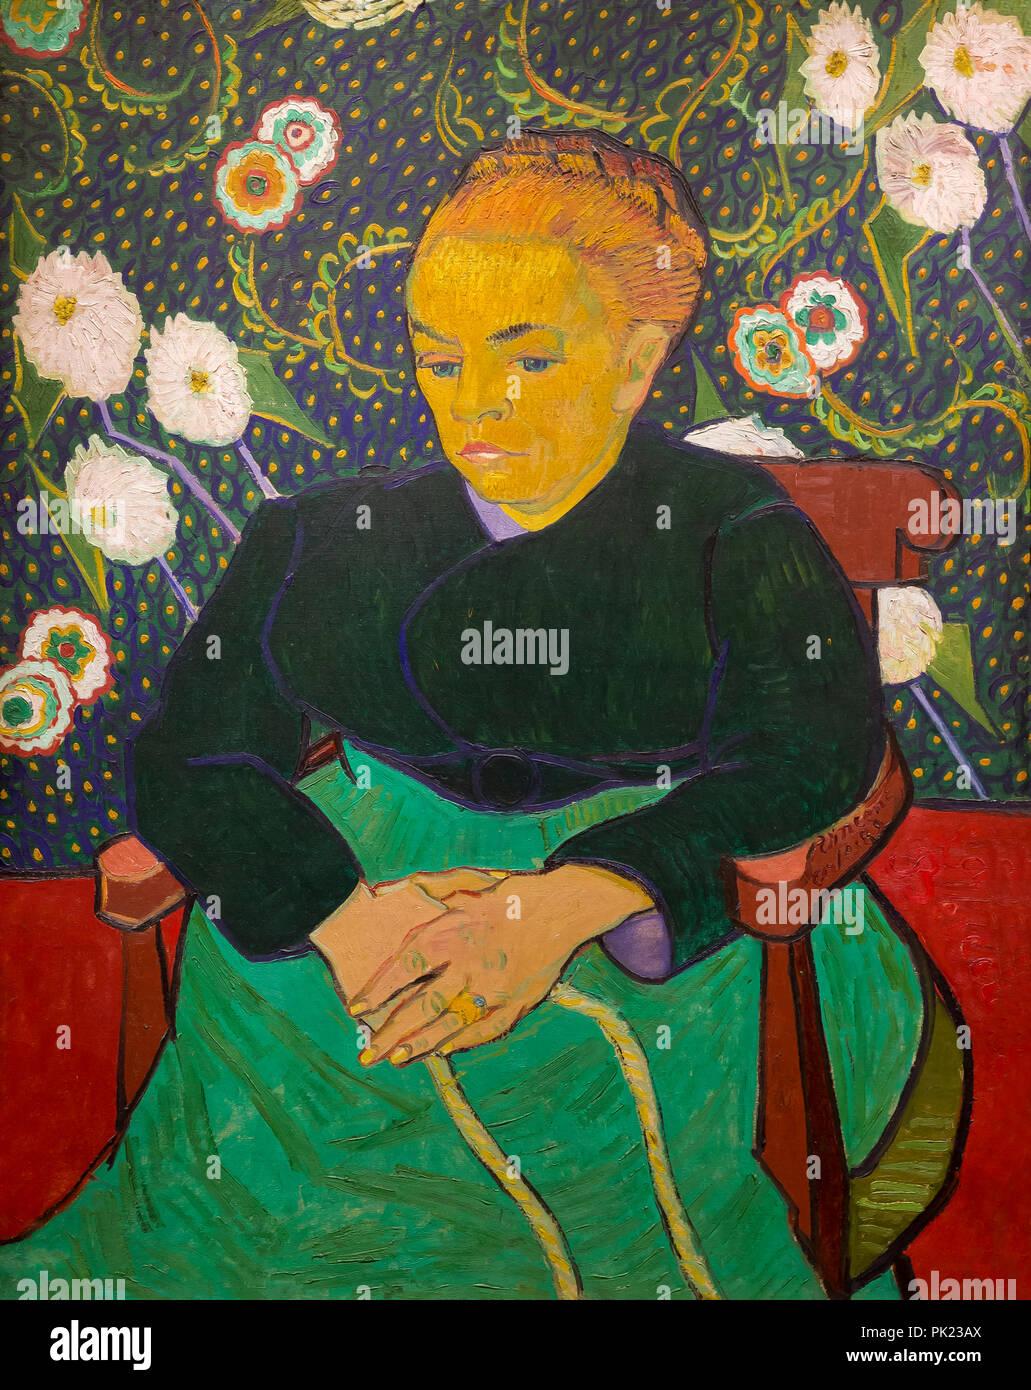 Madame Roulin Meciendo la cuna, La Berceuse, Vincent van Gogh, 1889, Instituto de Arte de Chicago, Chicago, Illinois, EE.UU., América del Norte, Imagen De Stock